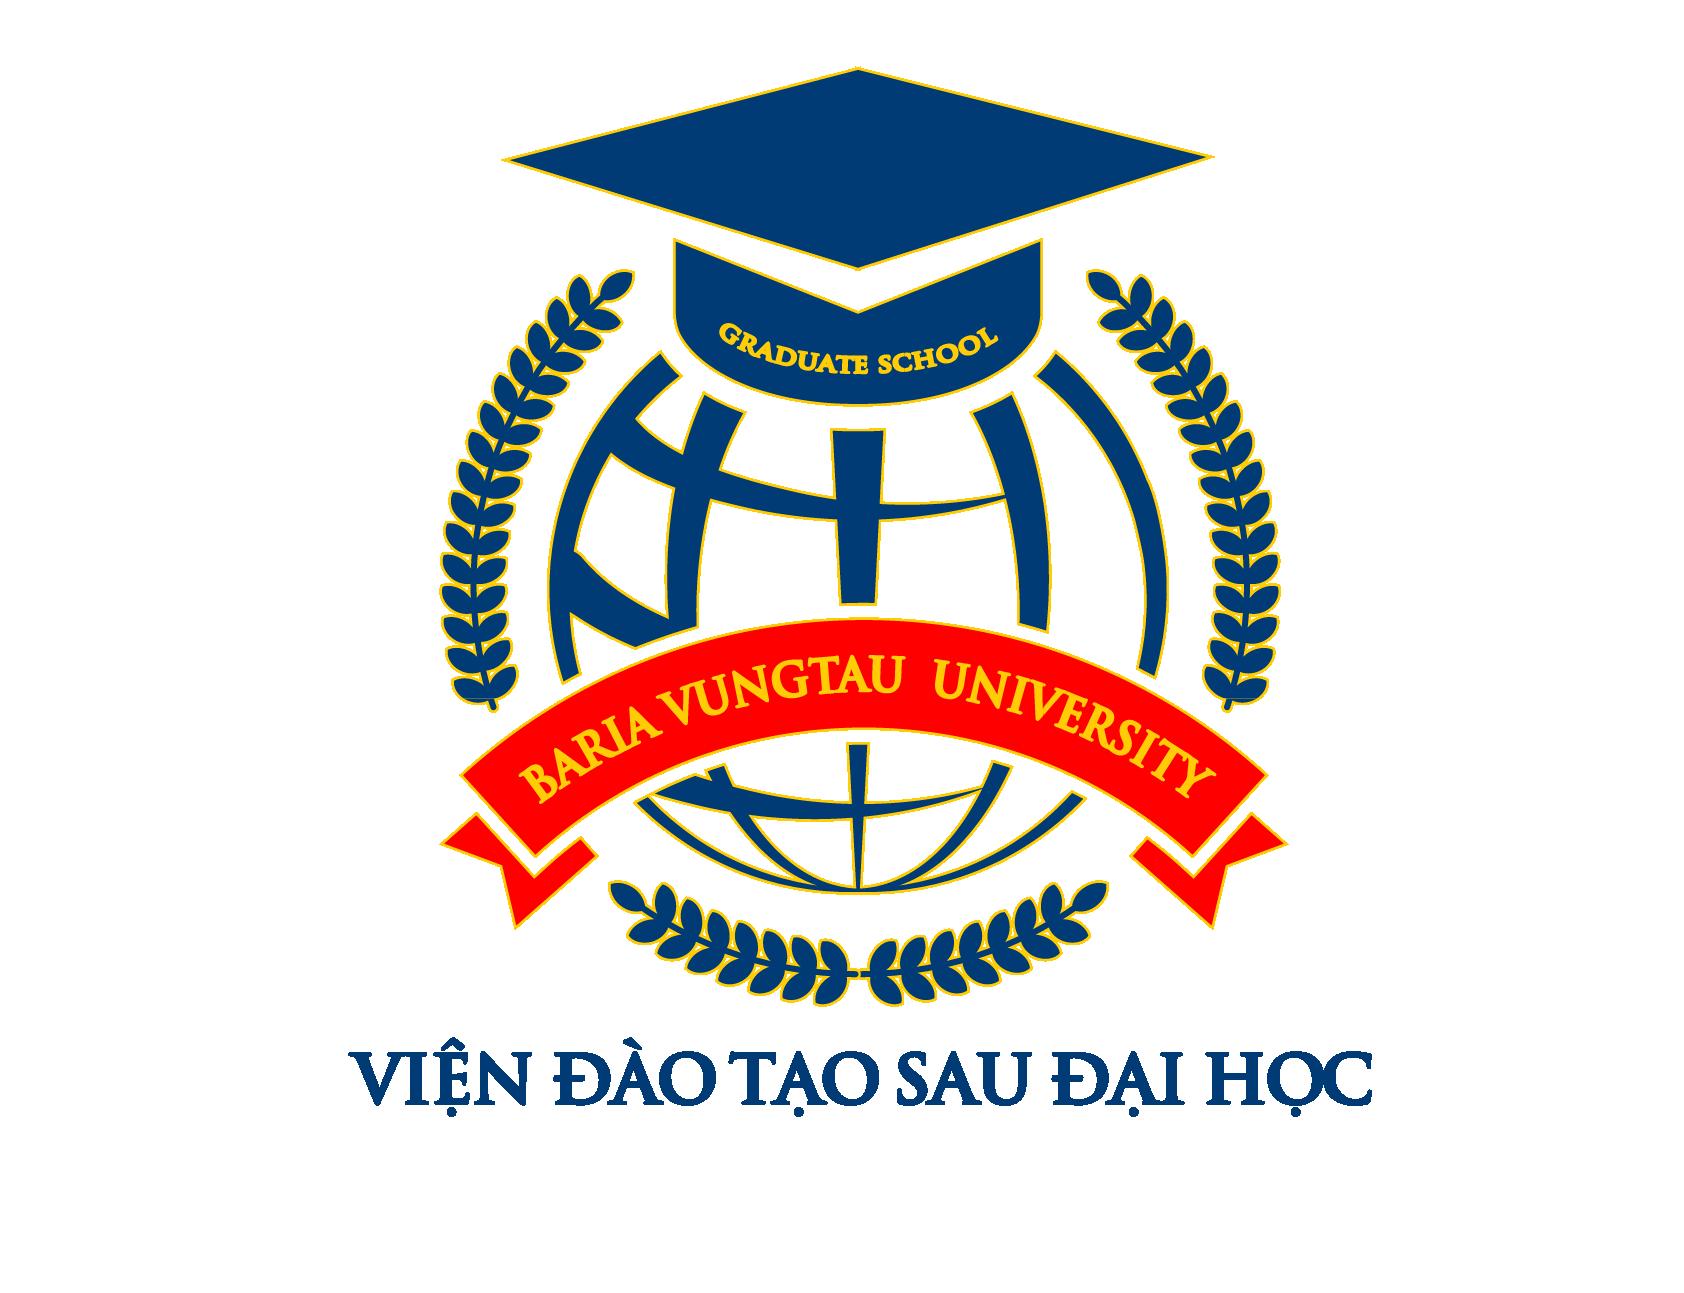 Viện Đào tạo Sau Đại học